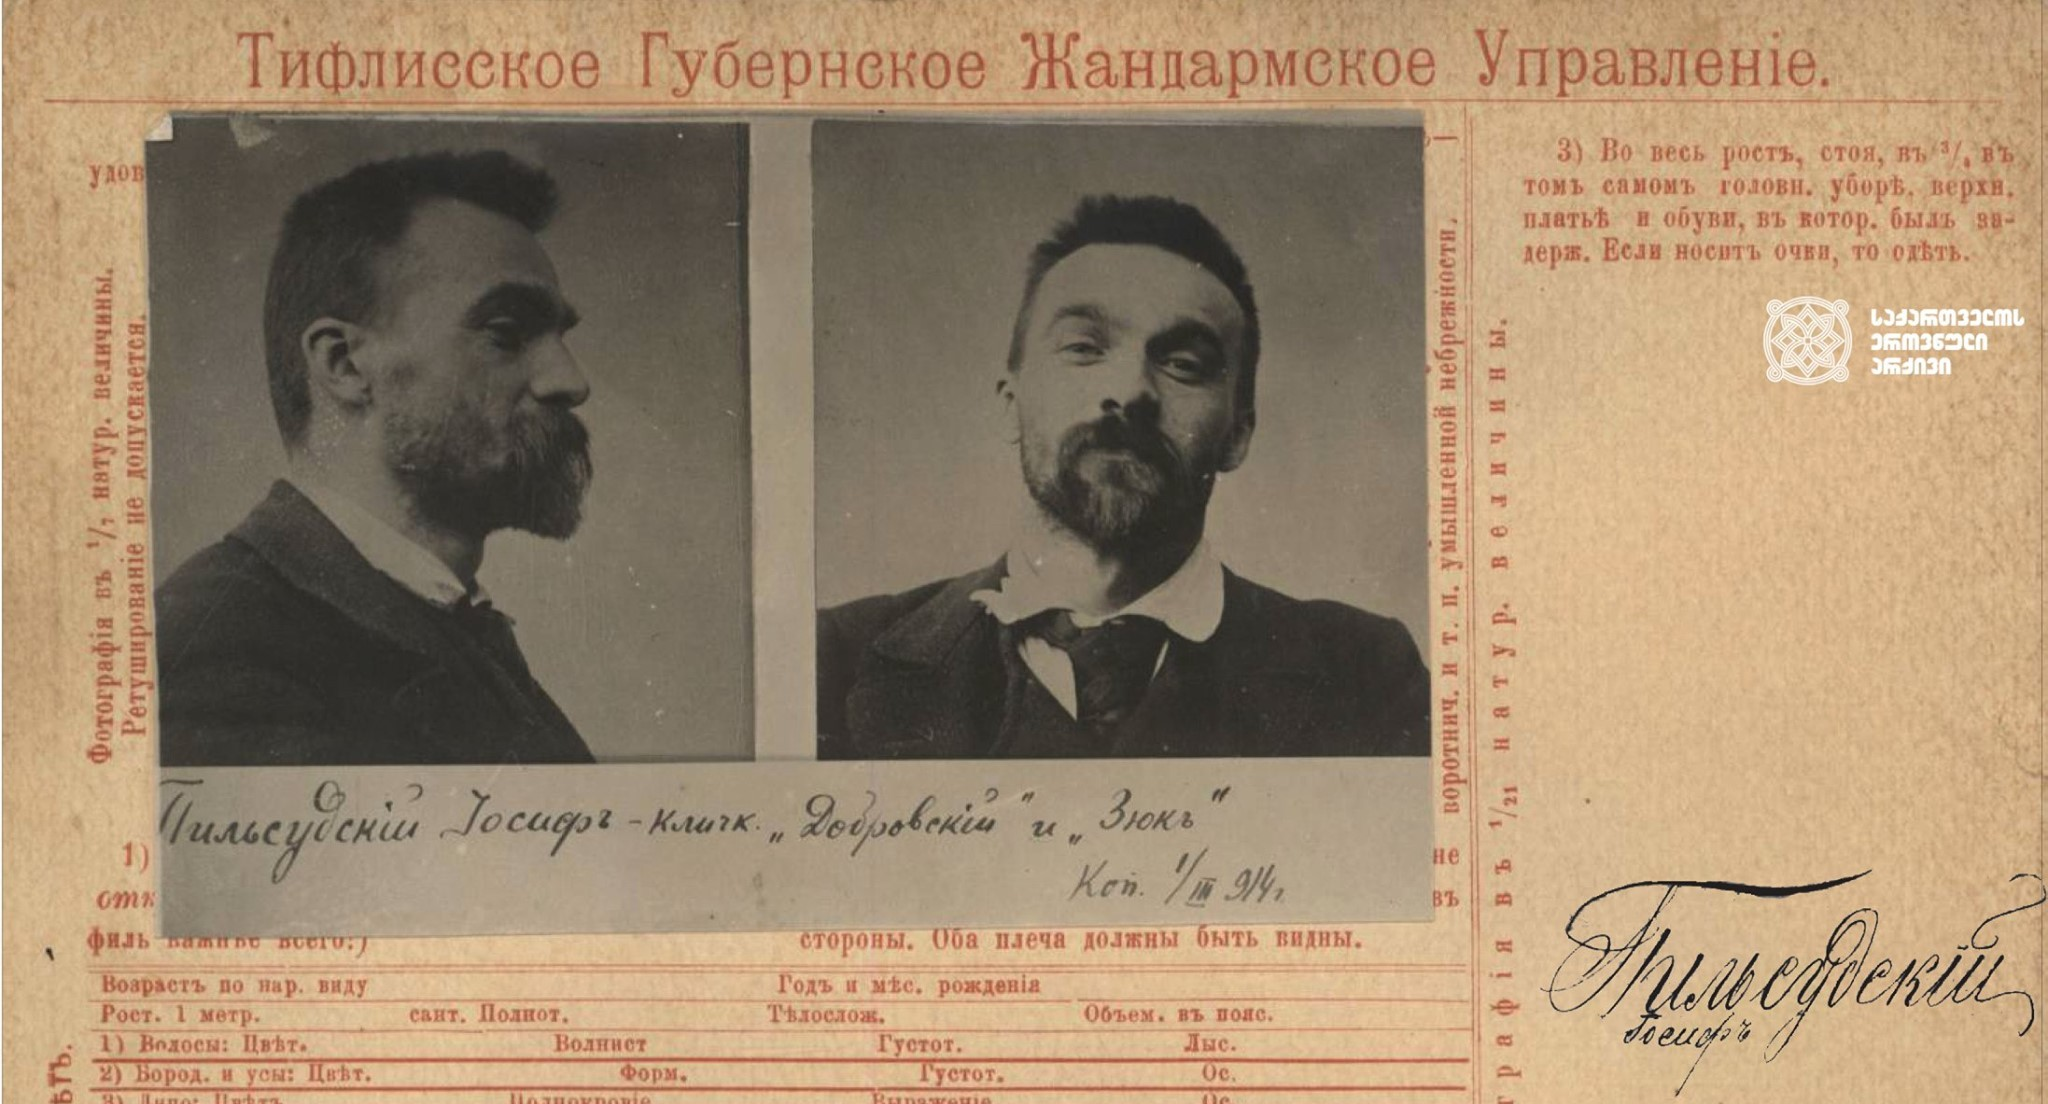 იოზეფ პილსუდსკი – მომავალში პოლონეთის სახელმწიფოს პირველი თავმჯდომარე, მარშალი <br> Josef Pilsudski - the future first Chairman of the Polish State, Marshal